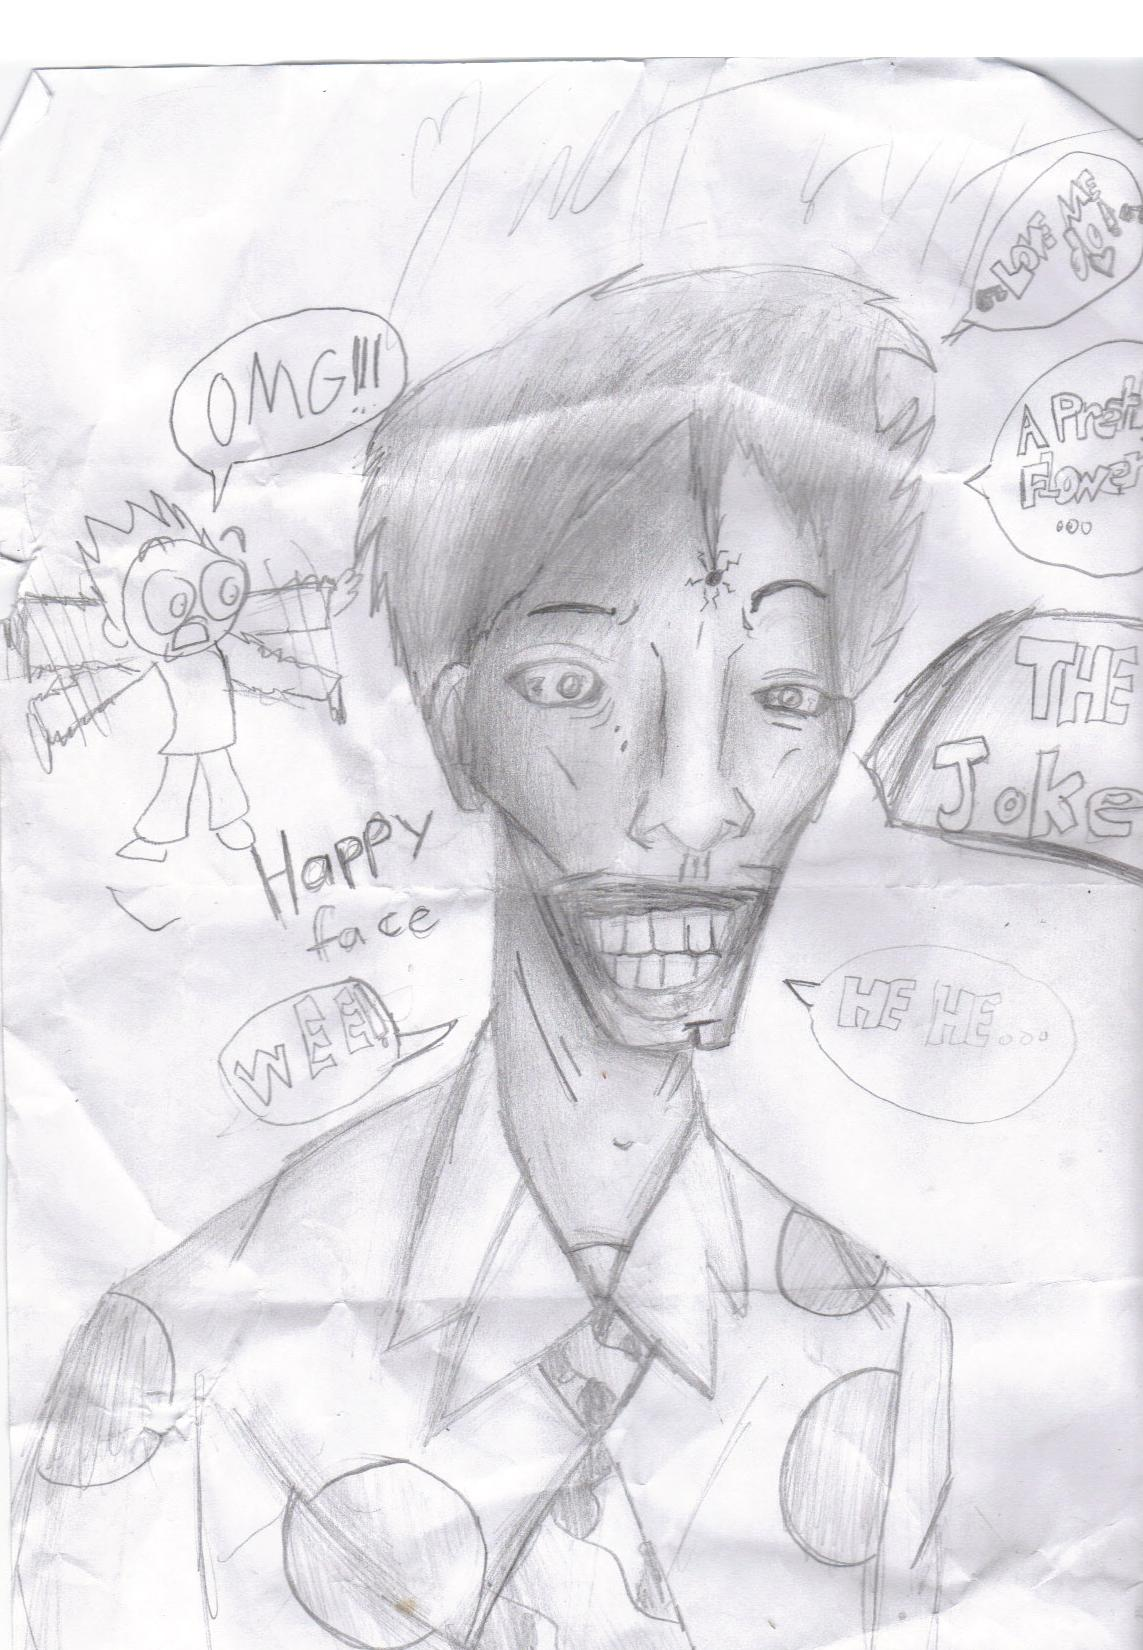 joker made in art class